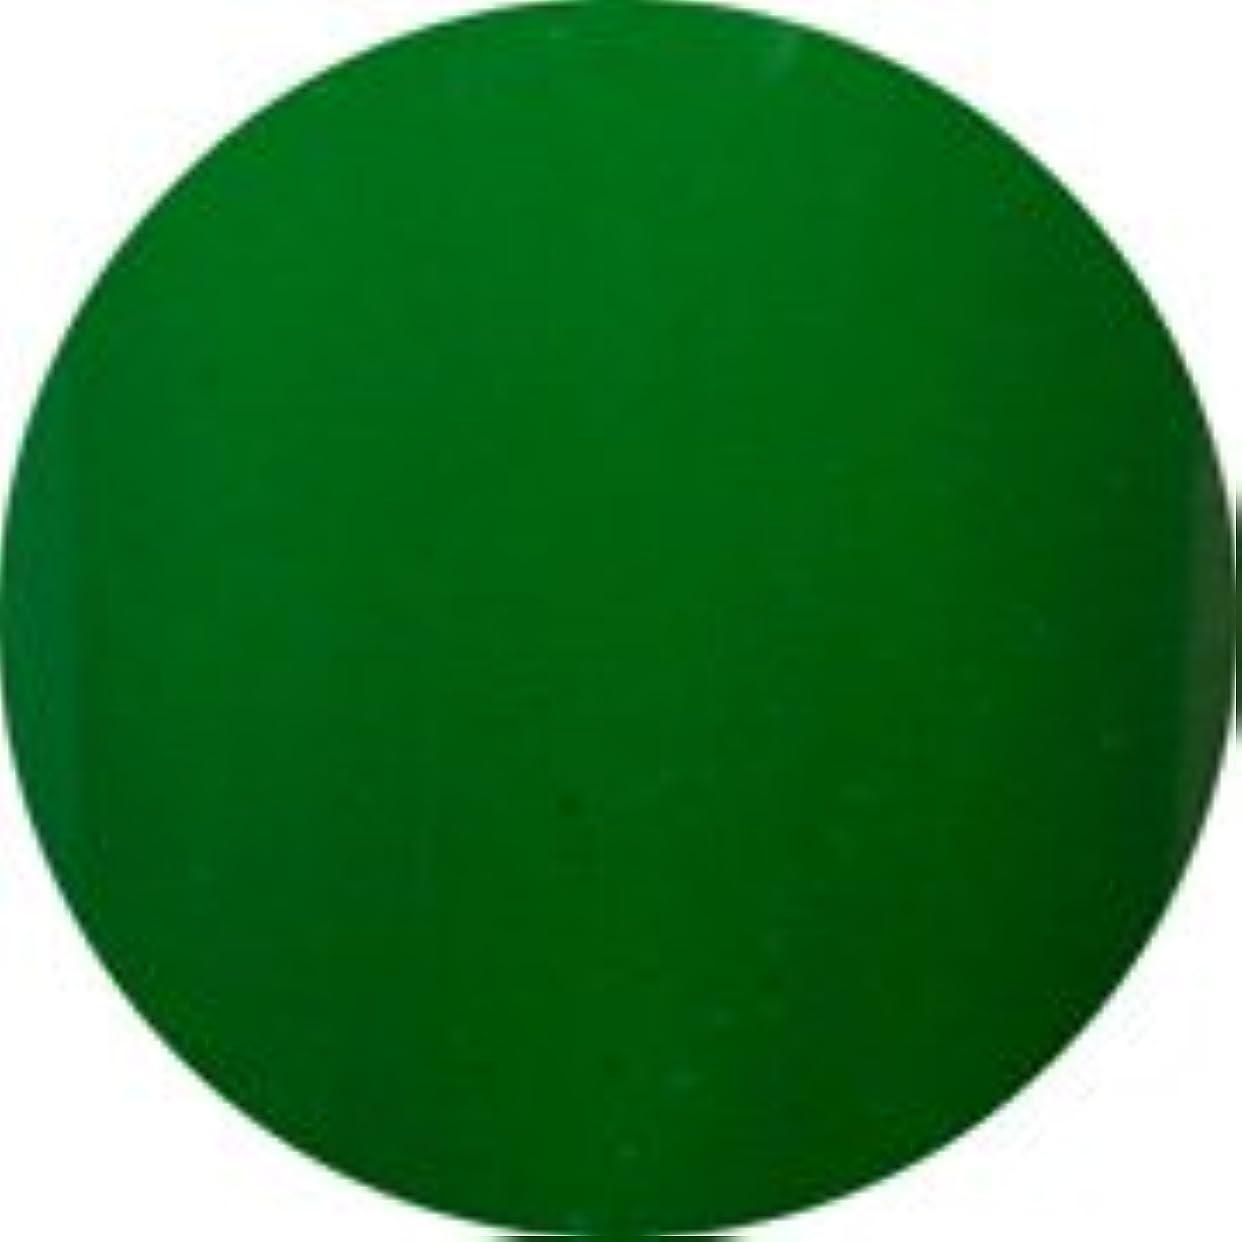 ワンダー年金受給者意味★AMGEL(アンジェル) カラージェル 3g<BR>AG1051 メリグリーン